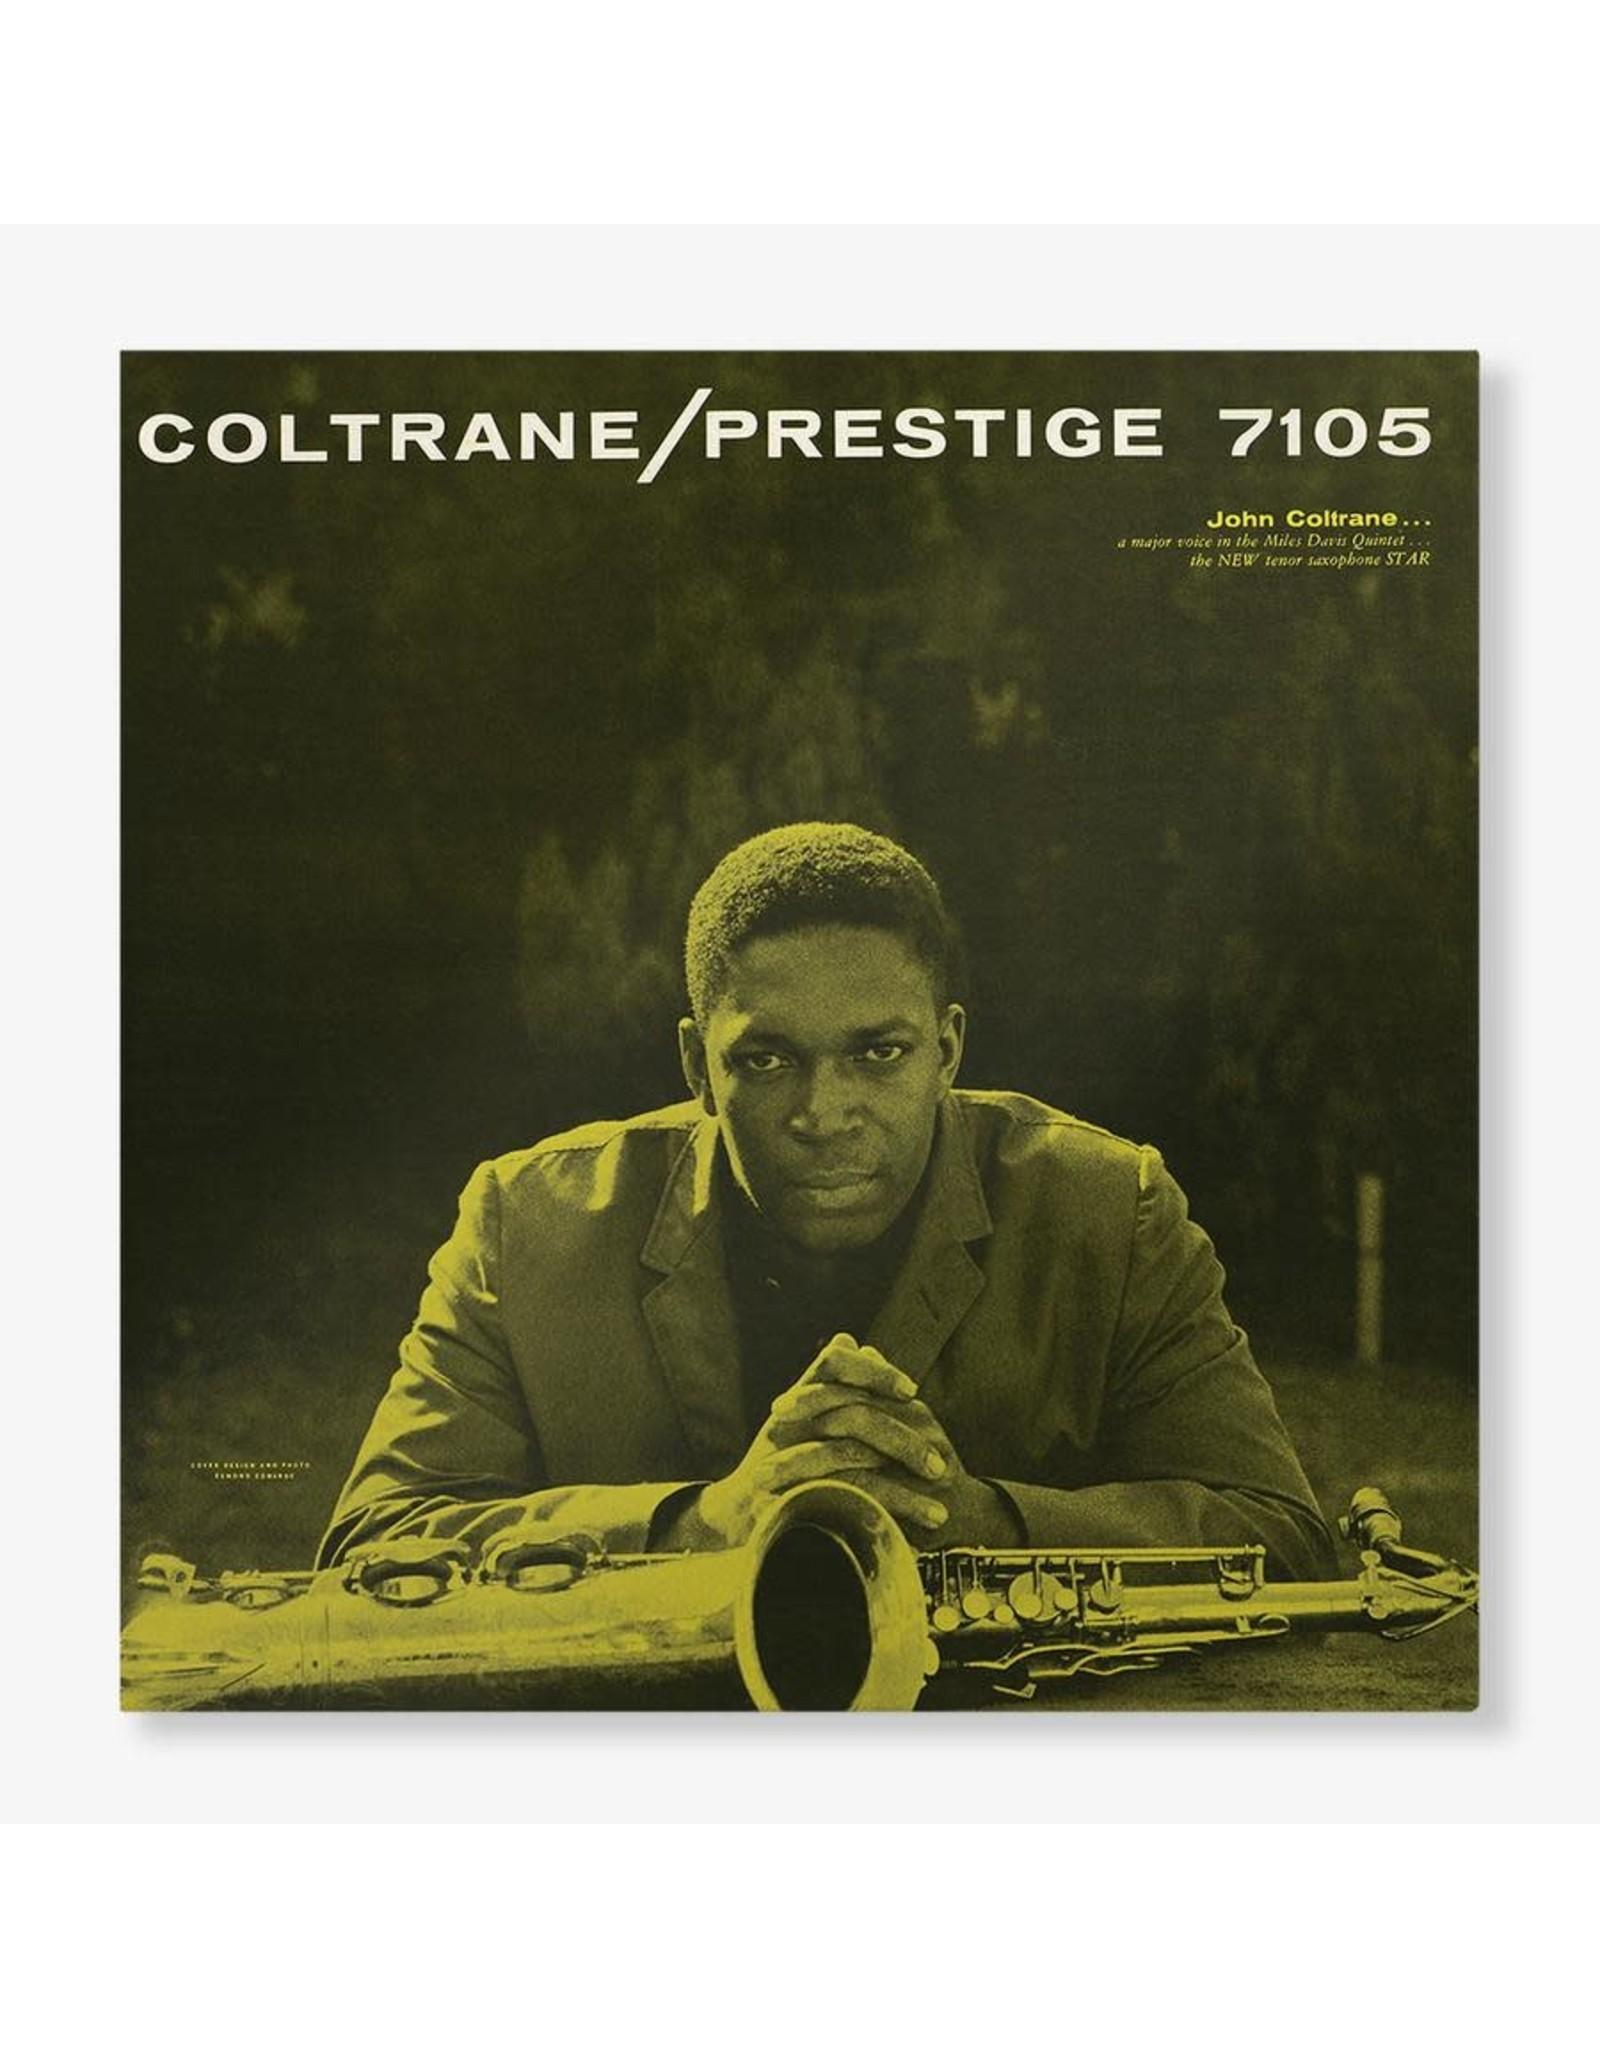 Coltrane, John - Coltrane LP